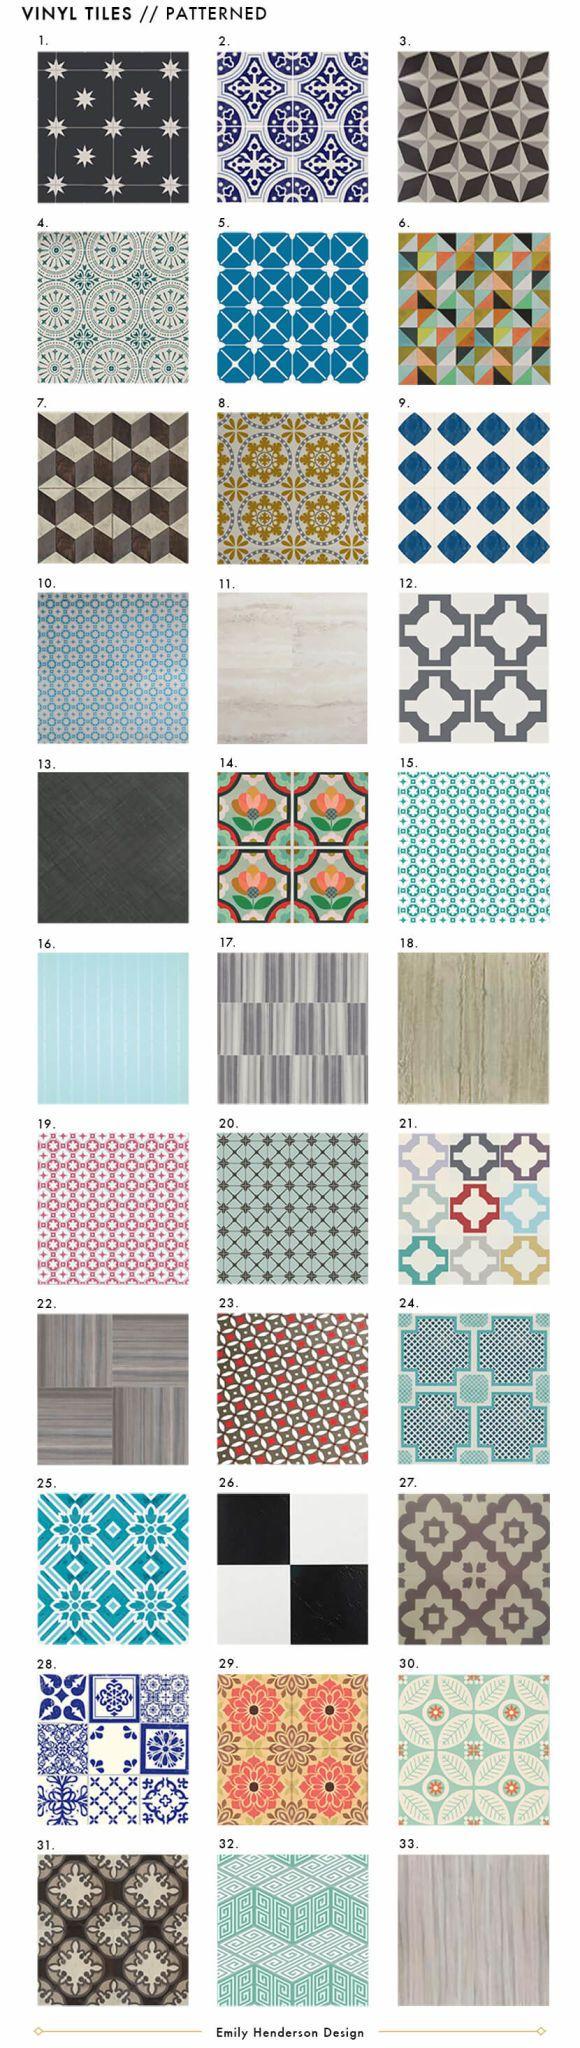 Best Affordable Vinyl Tile - for upstairs bathroom floor